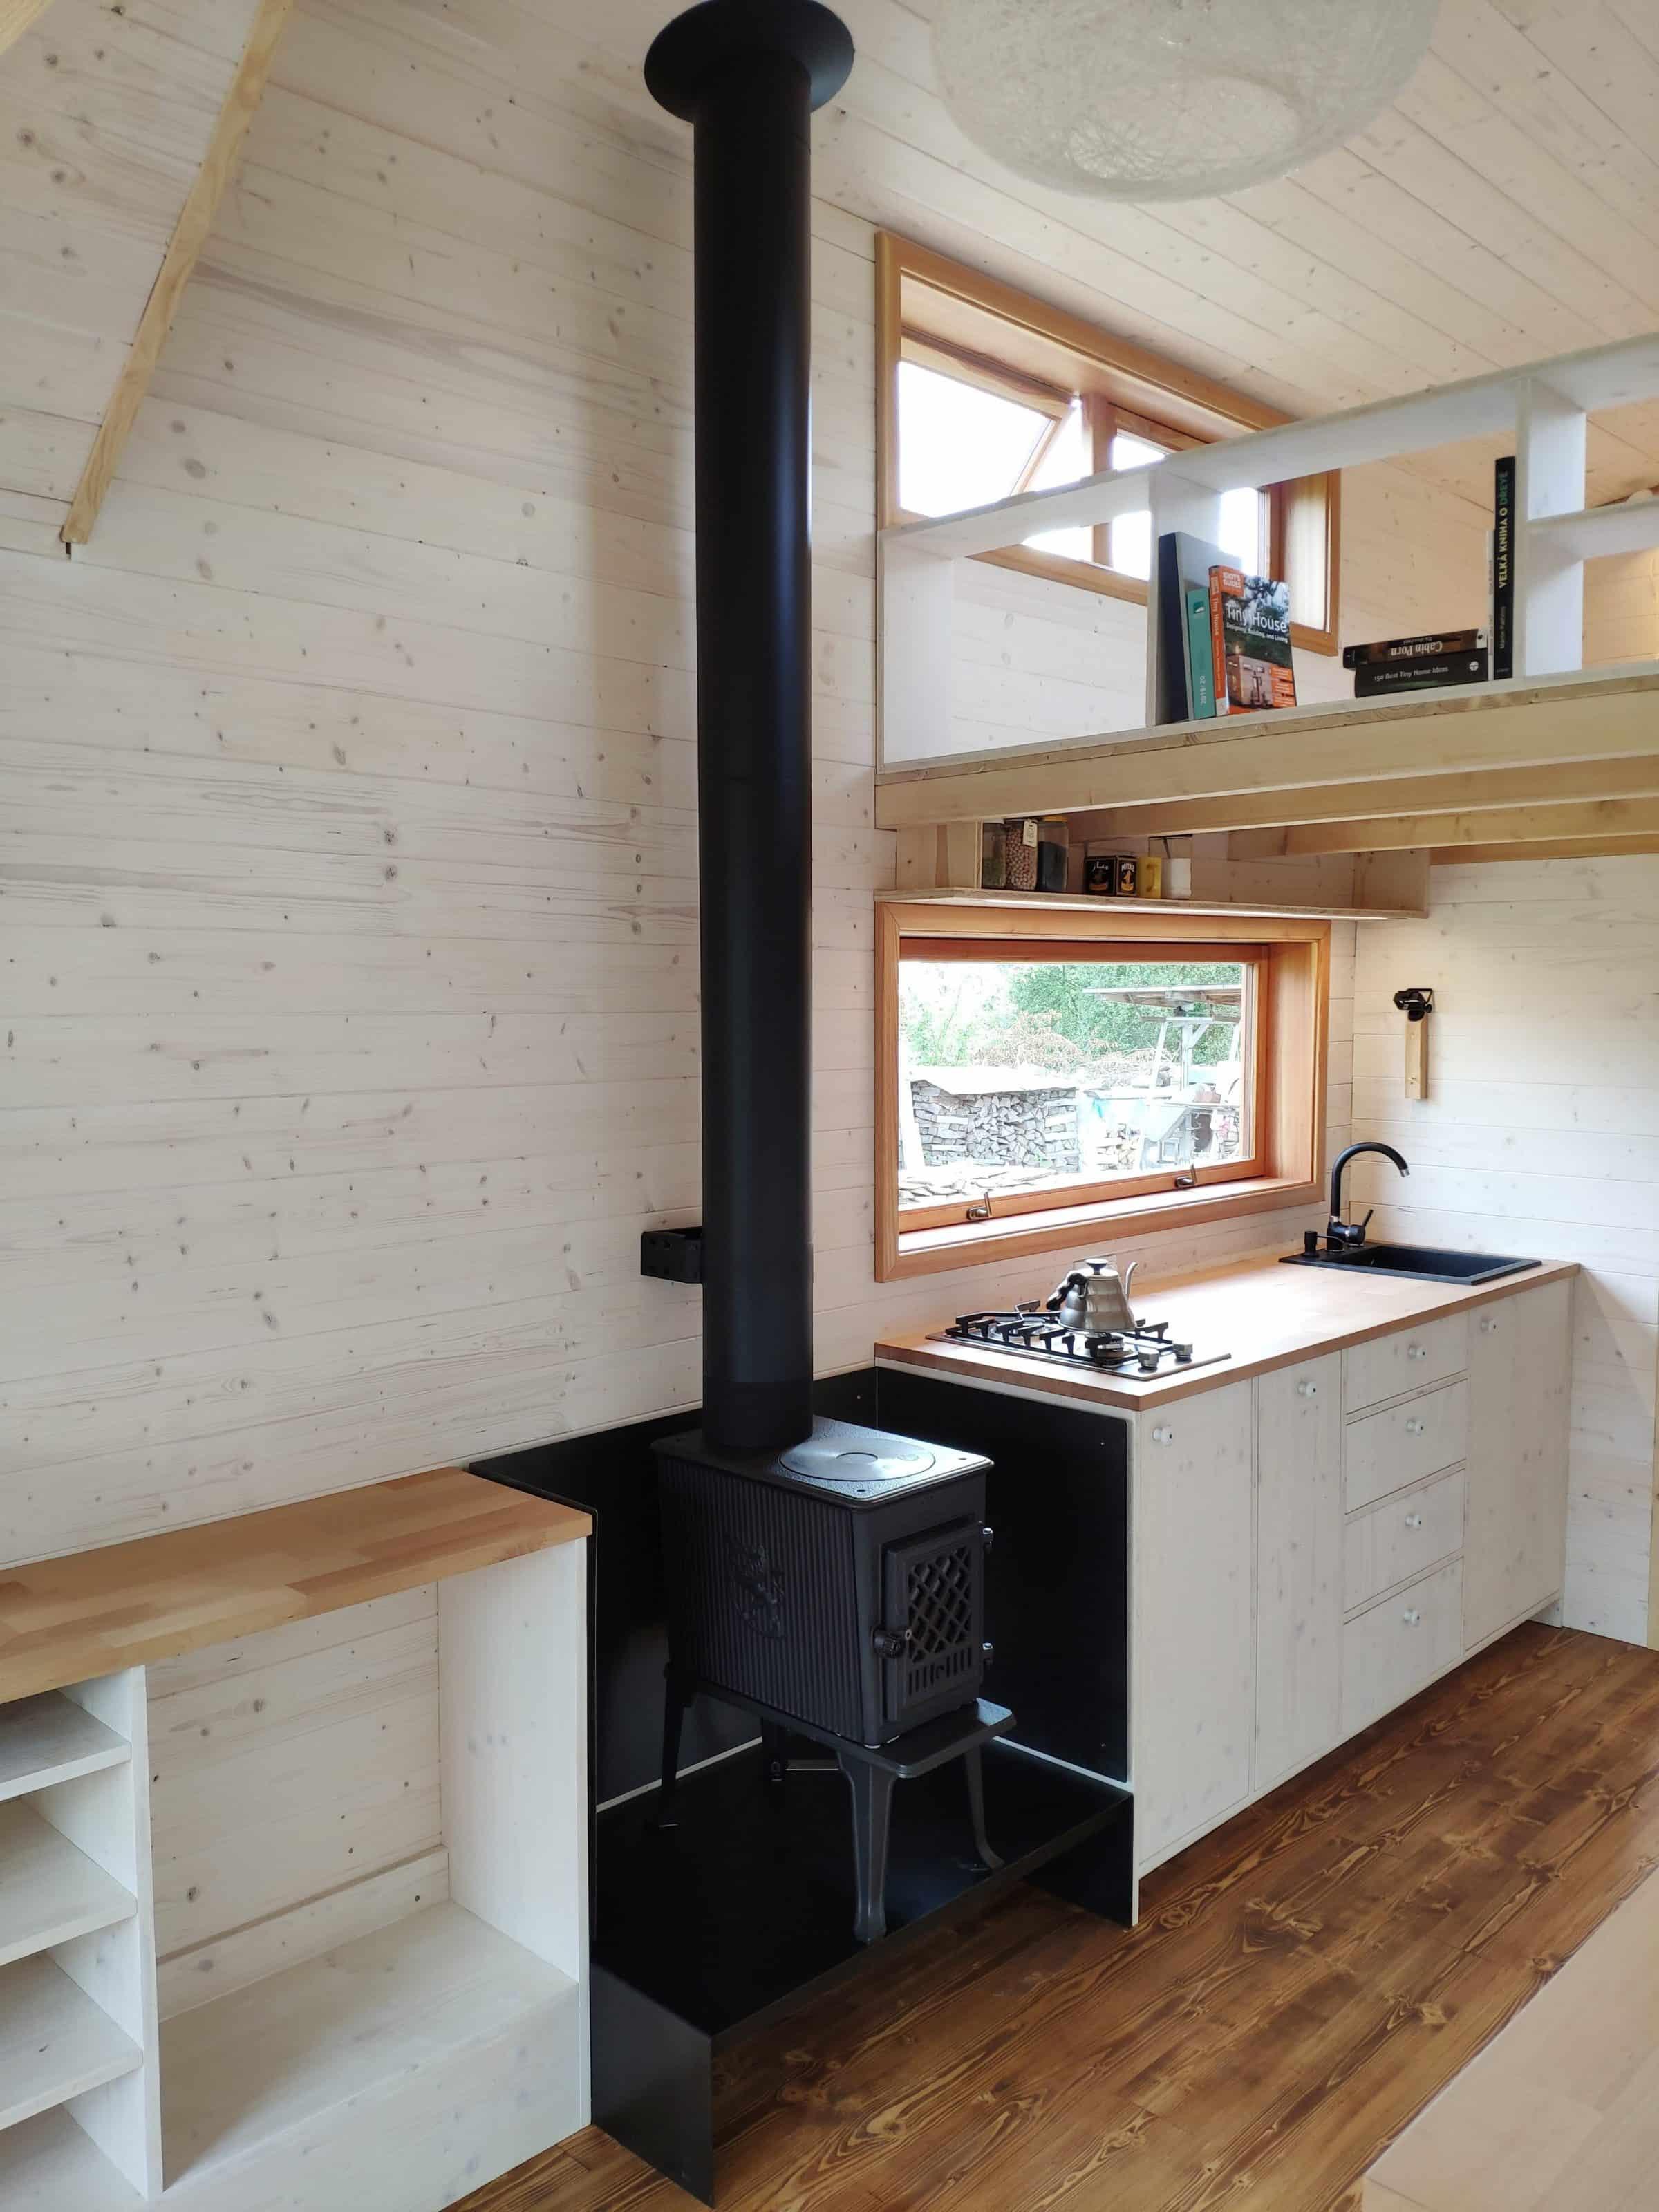 Permeter a Tiny home.